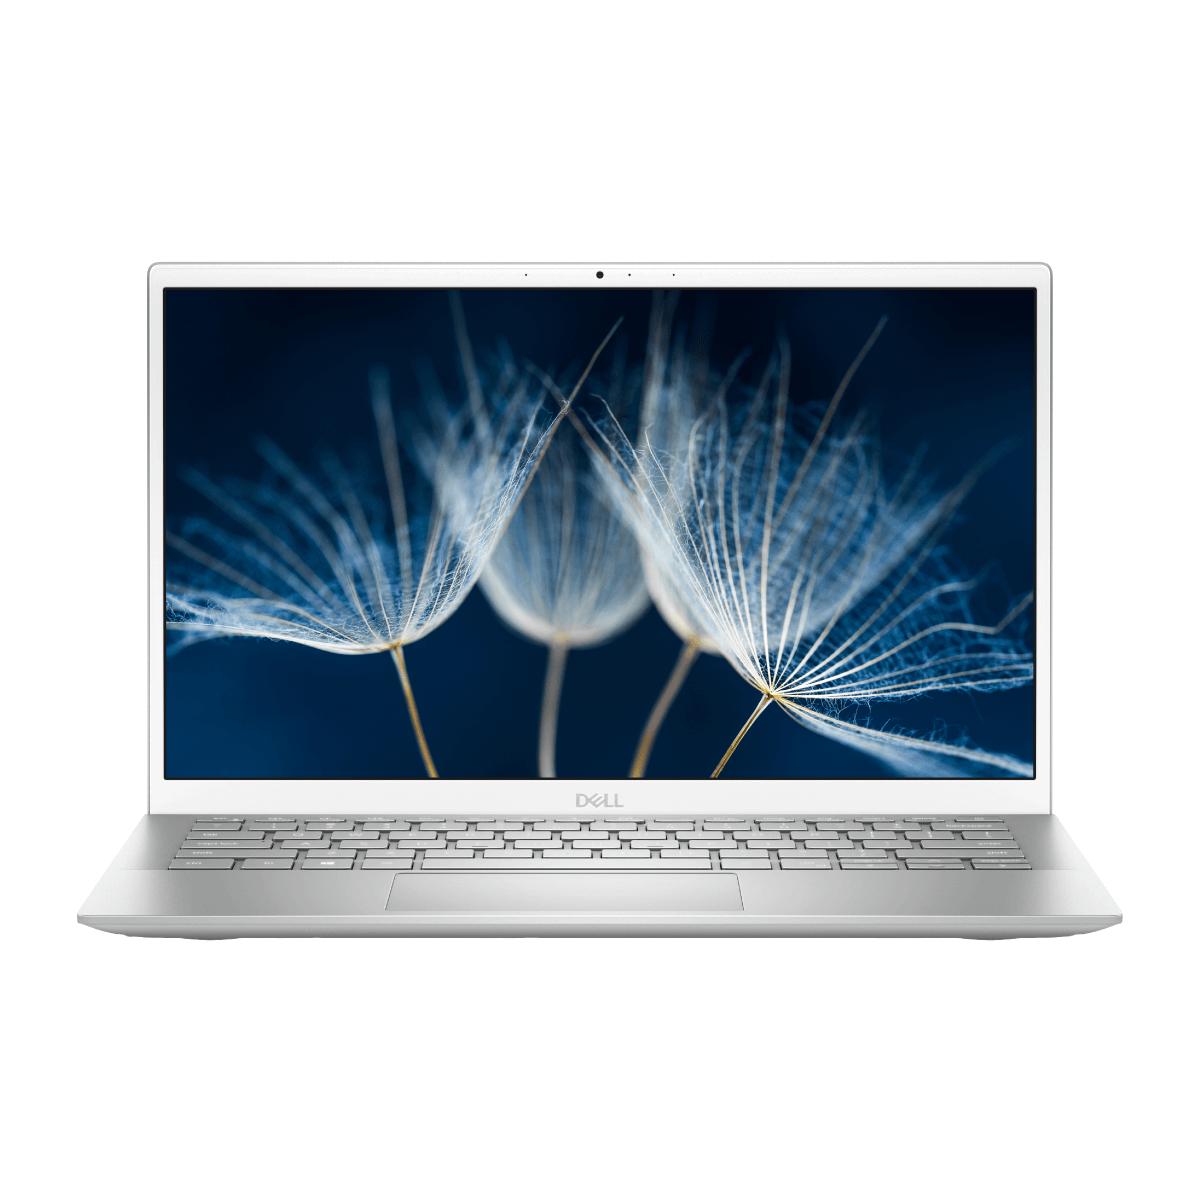 Dell Inspiron 5300 (i7, Platinum Silver)